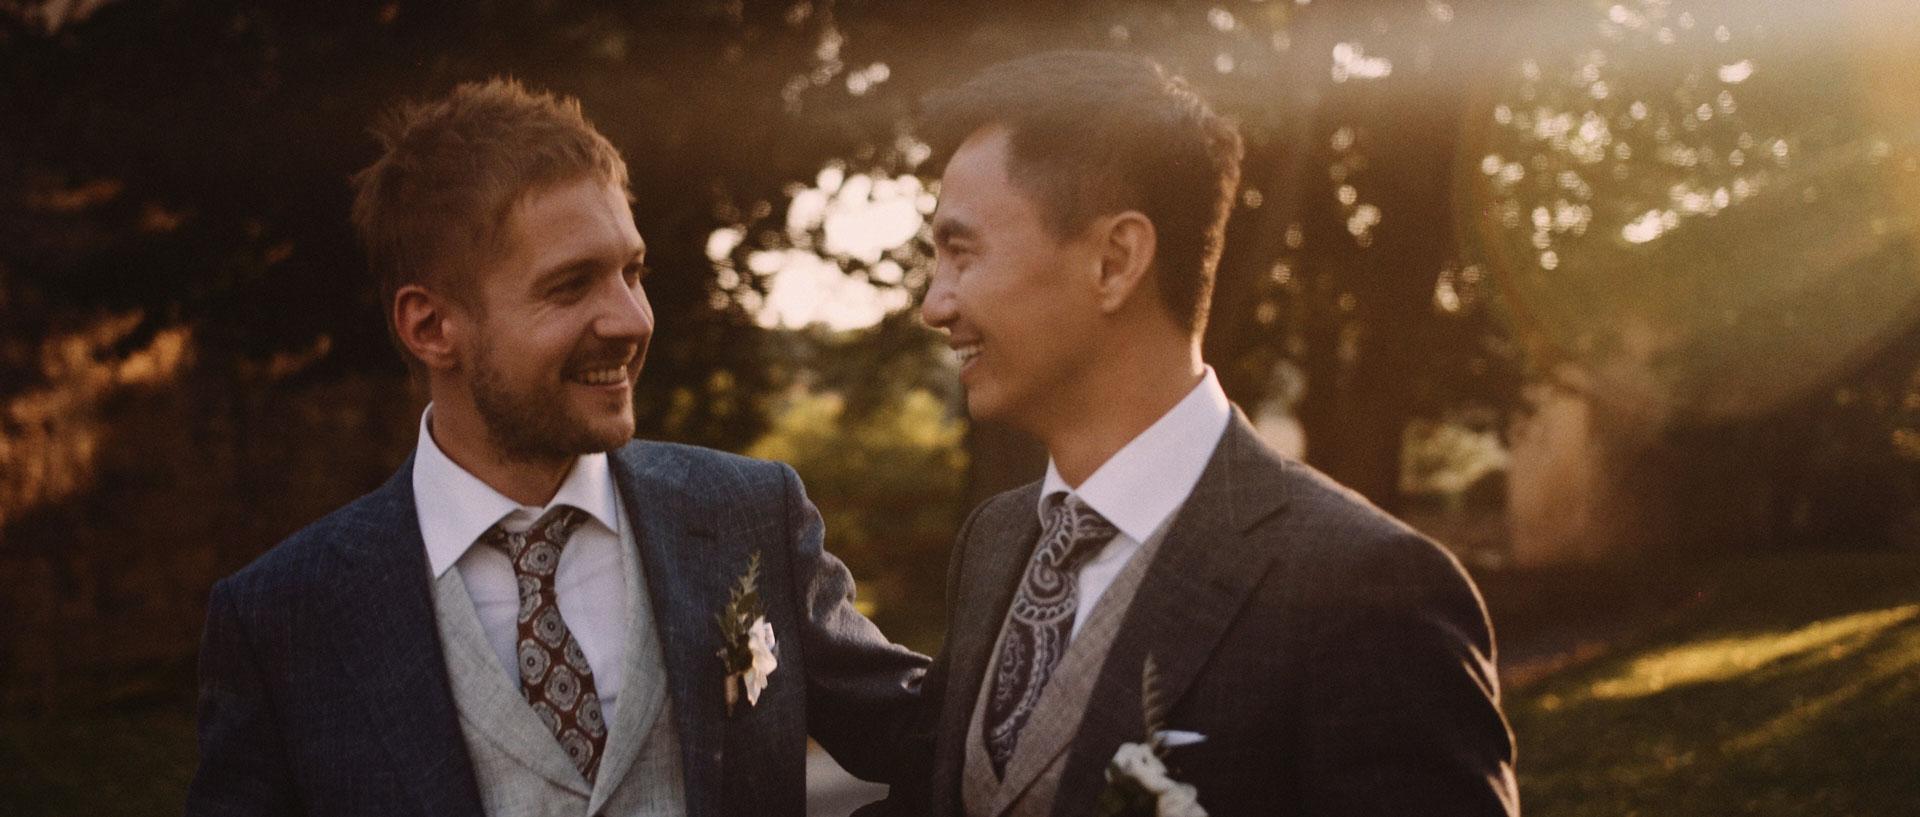 Sam-&-David---Wedding-Film.00_04_58_04.jpg